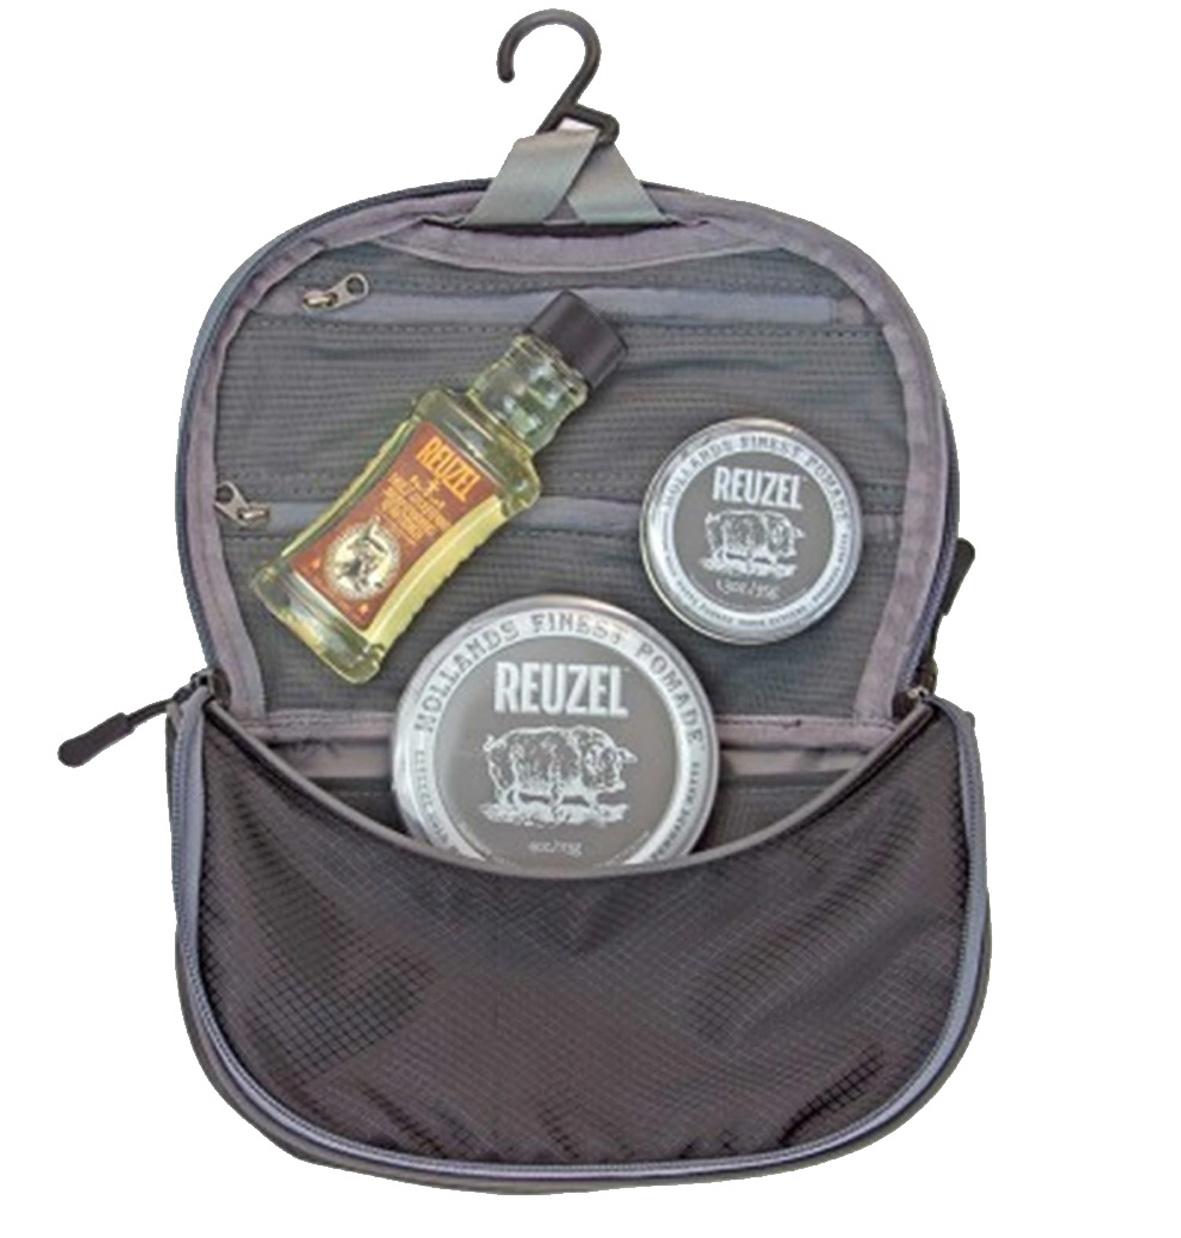 Reuzel Pigs Can Fly Dopp Bag Extreme - sada pomáda, 113 g + pomáda, 35 g + Daily šampón, 100 ml + taštička